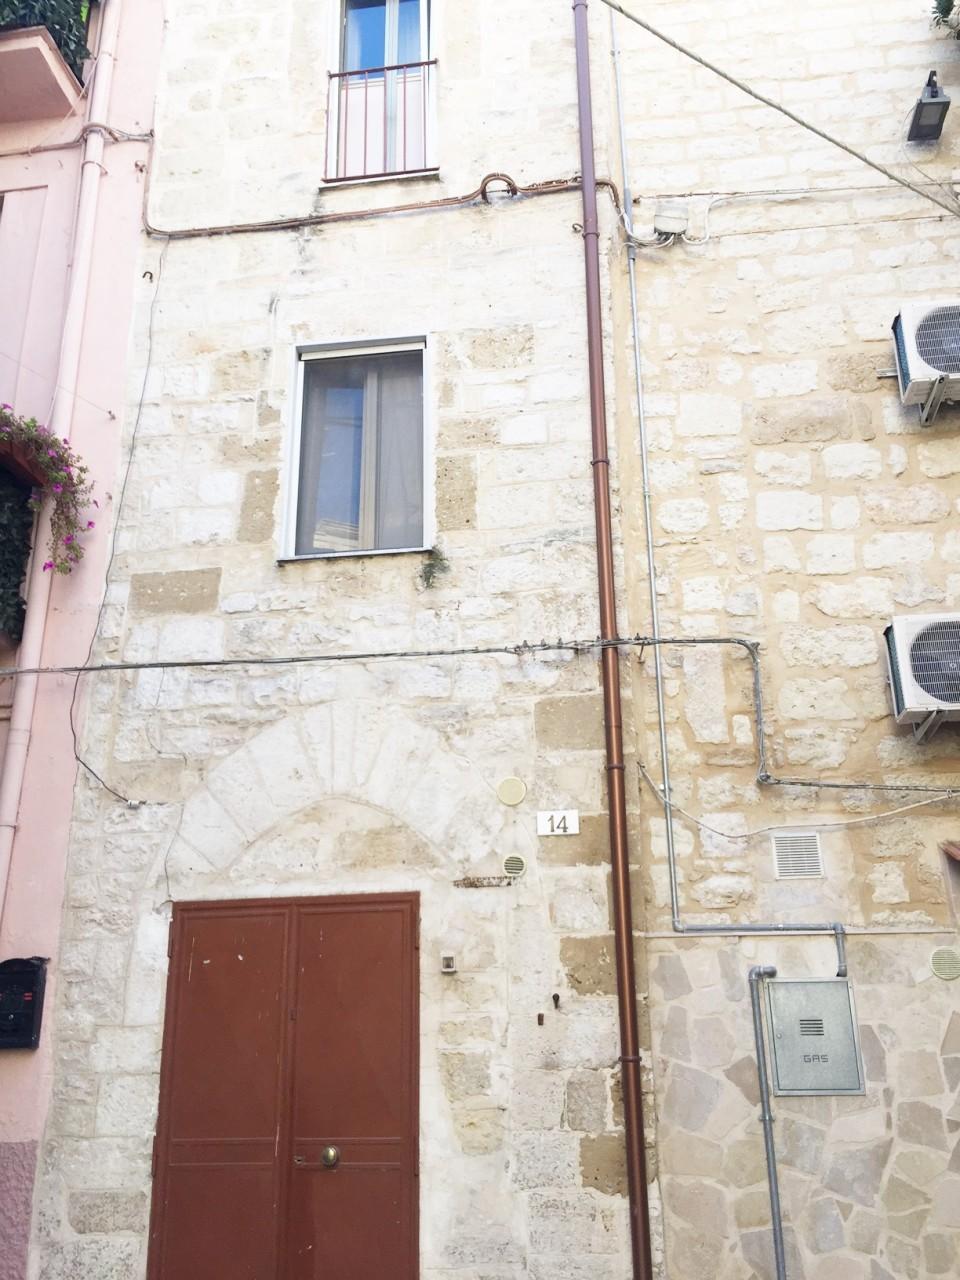 Bilocale Bari Strada Dietro Tresca 14 1